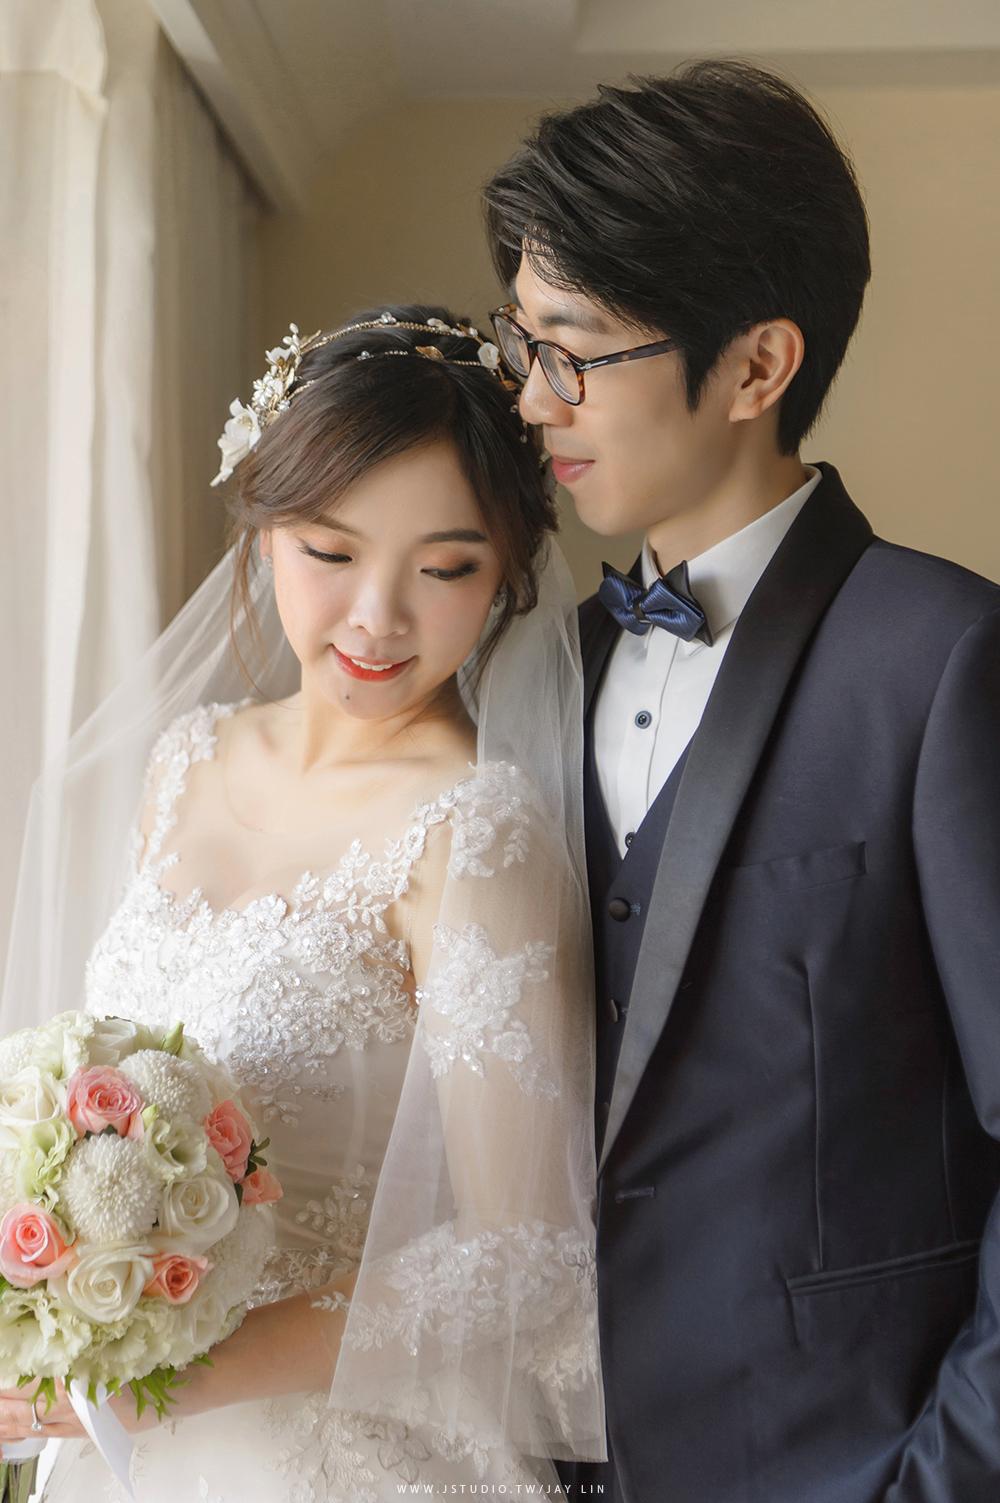 婚攝 推薦婚攝 台北西華飯店  台北婚攝 婚禮紀錄 JSTUDIO_0029